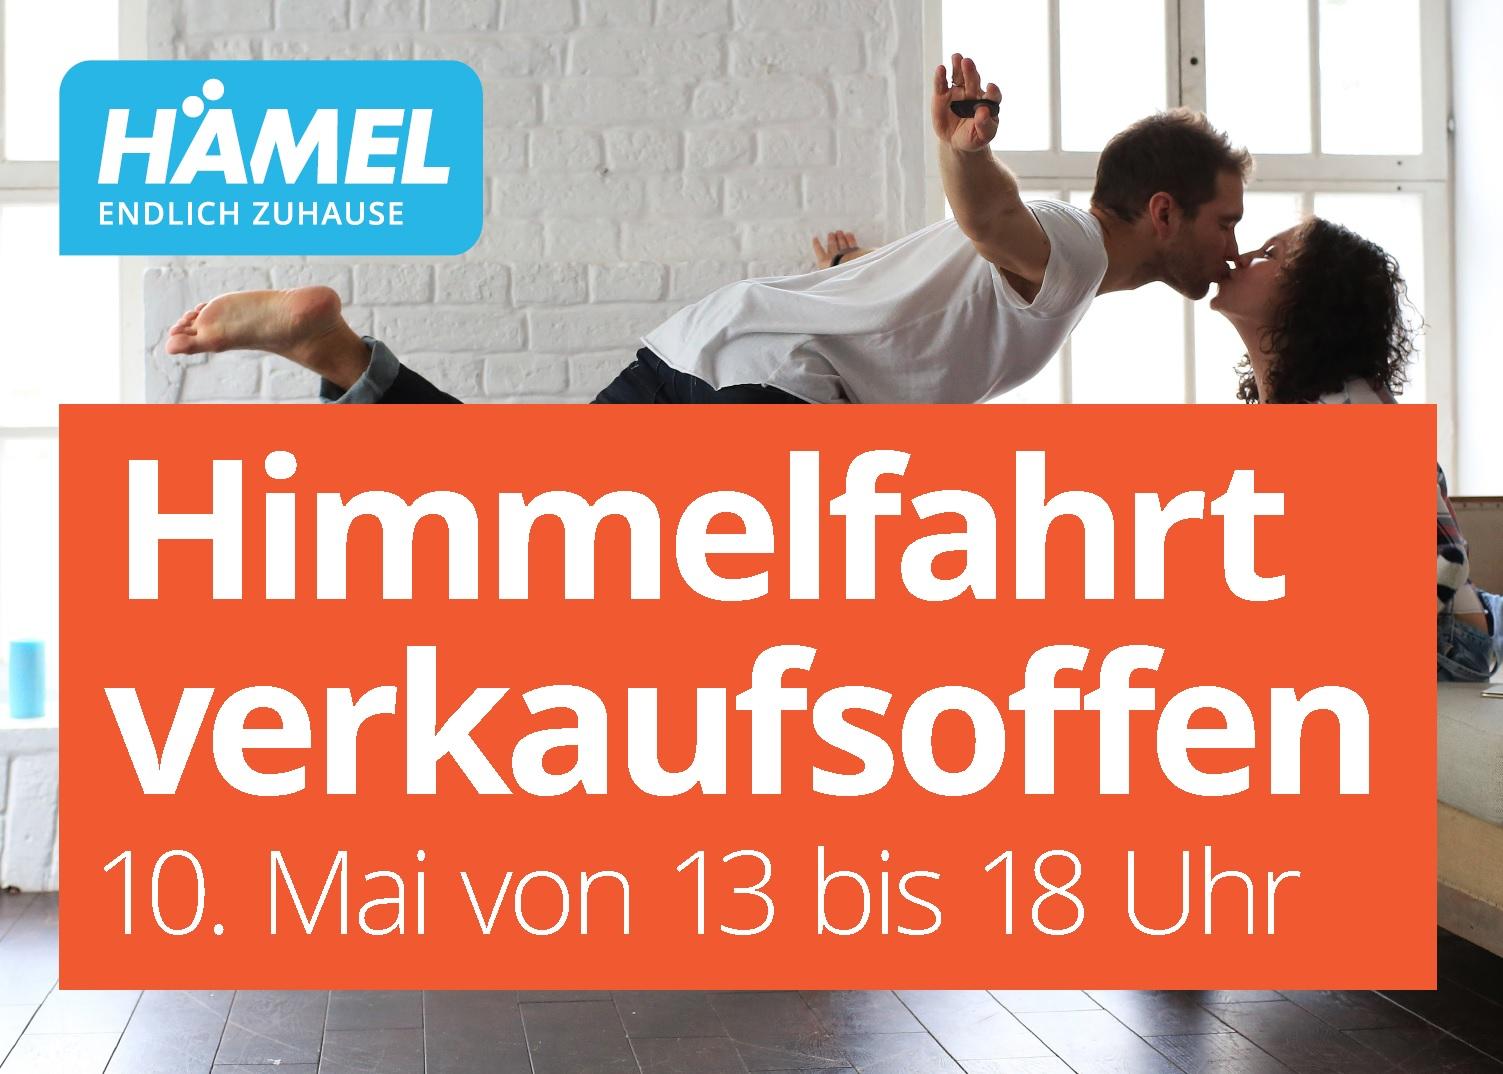 Nur Vom 10 Bis 12 Mai Echte 15 Rabatt Im Möbelhaus Hämel Nh24de